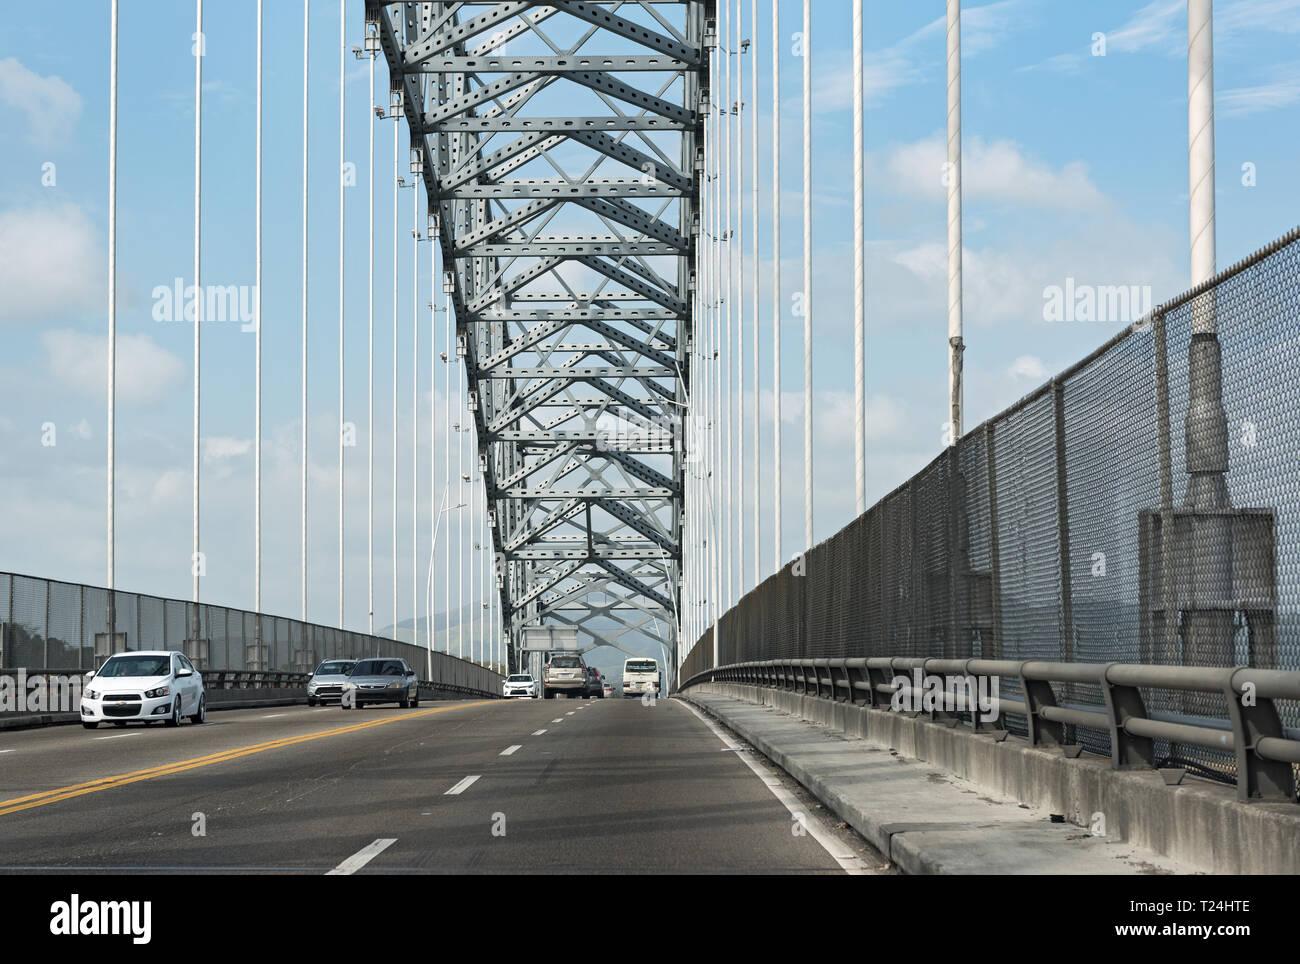 Le trafic routier sur le pont des amériques entrée du canal de Panama à l'ouest de la ville de Panama, Panama Banque D'Images